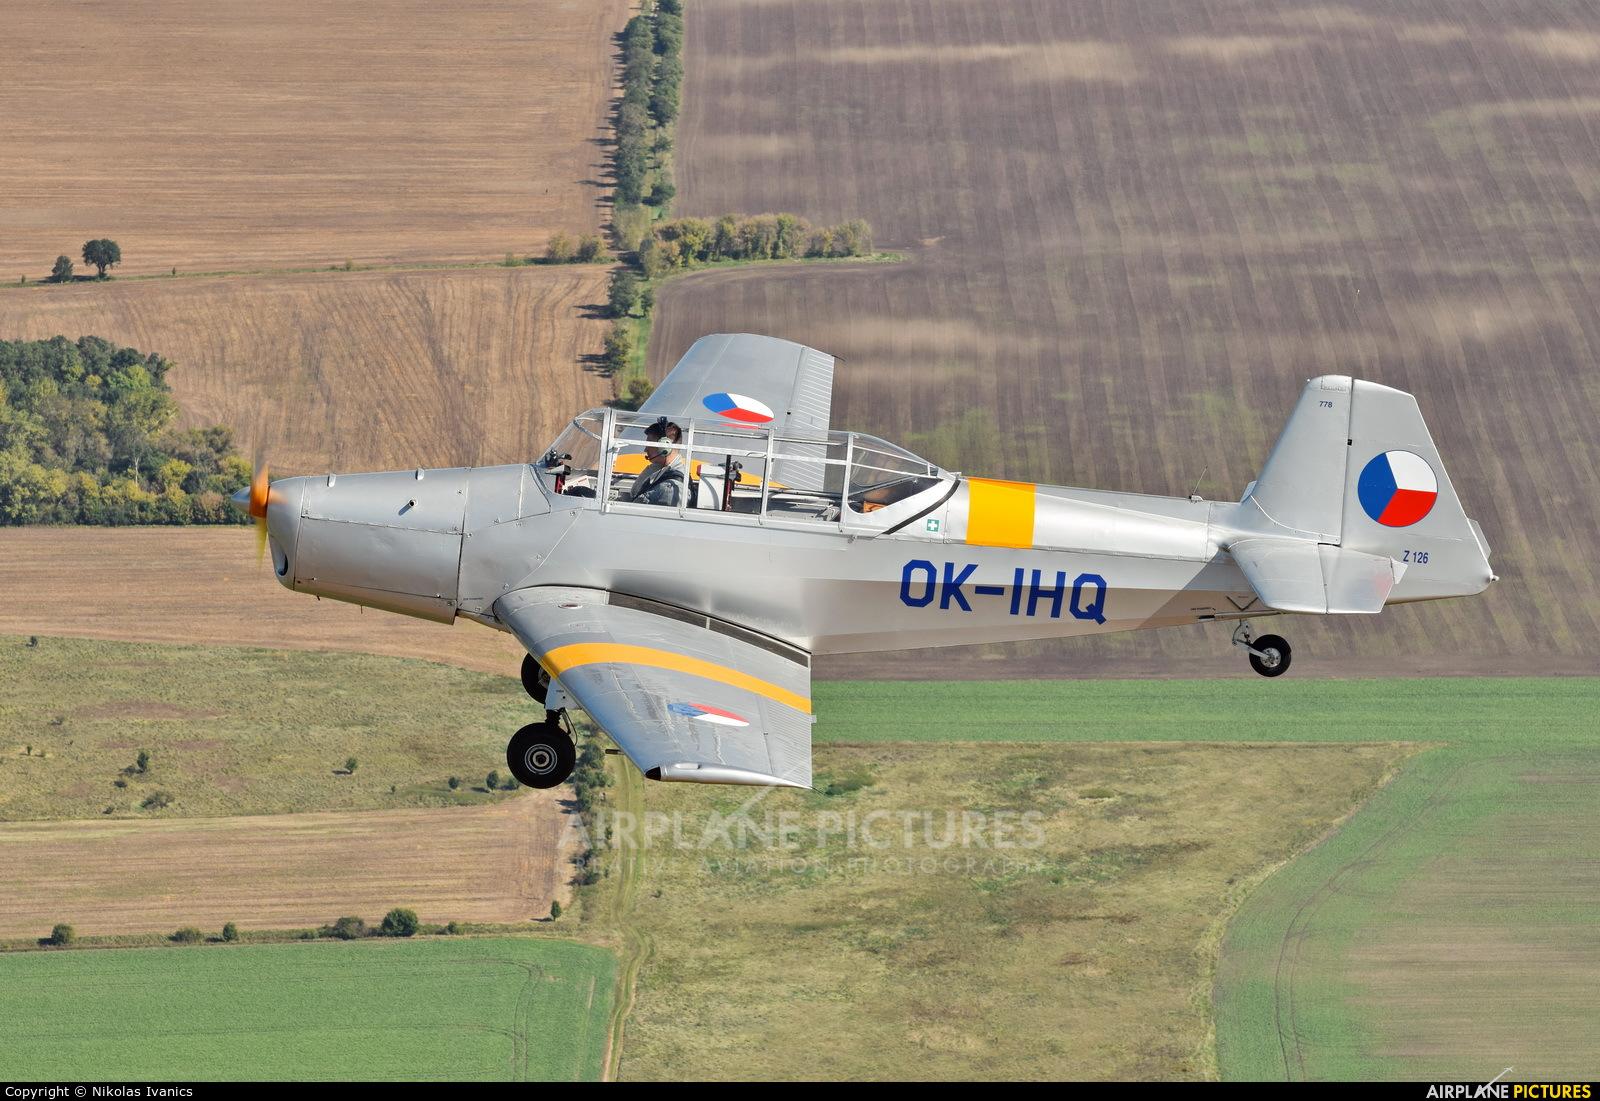 Slovacky Aeroklub Kunovice OK-IHQ aircraft at In Flight - Slovakia